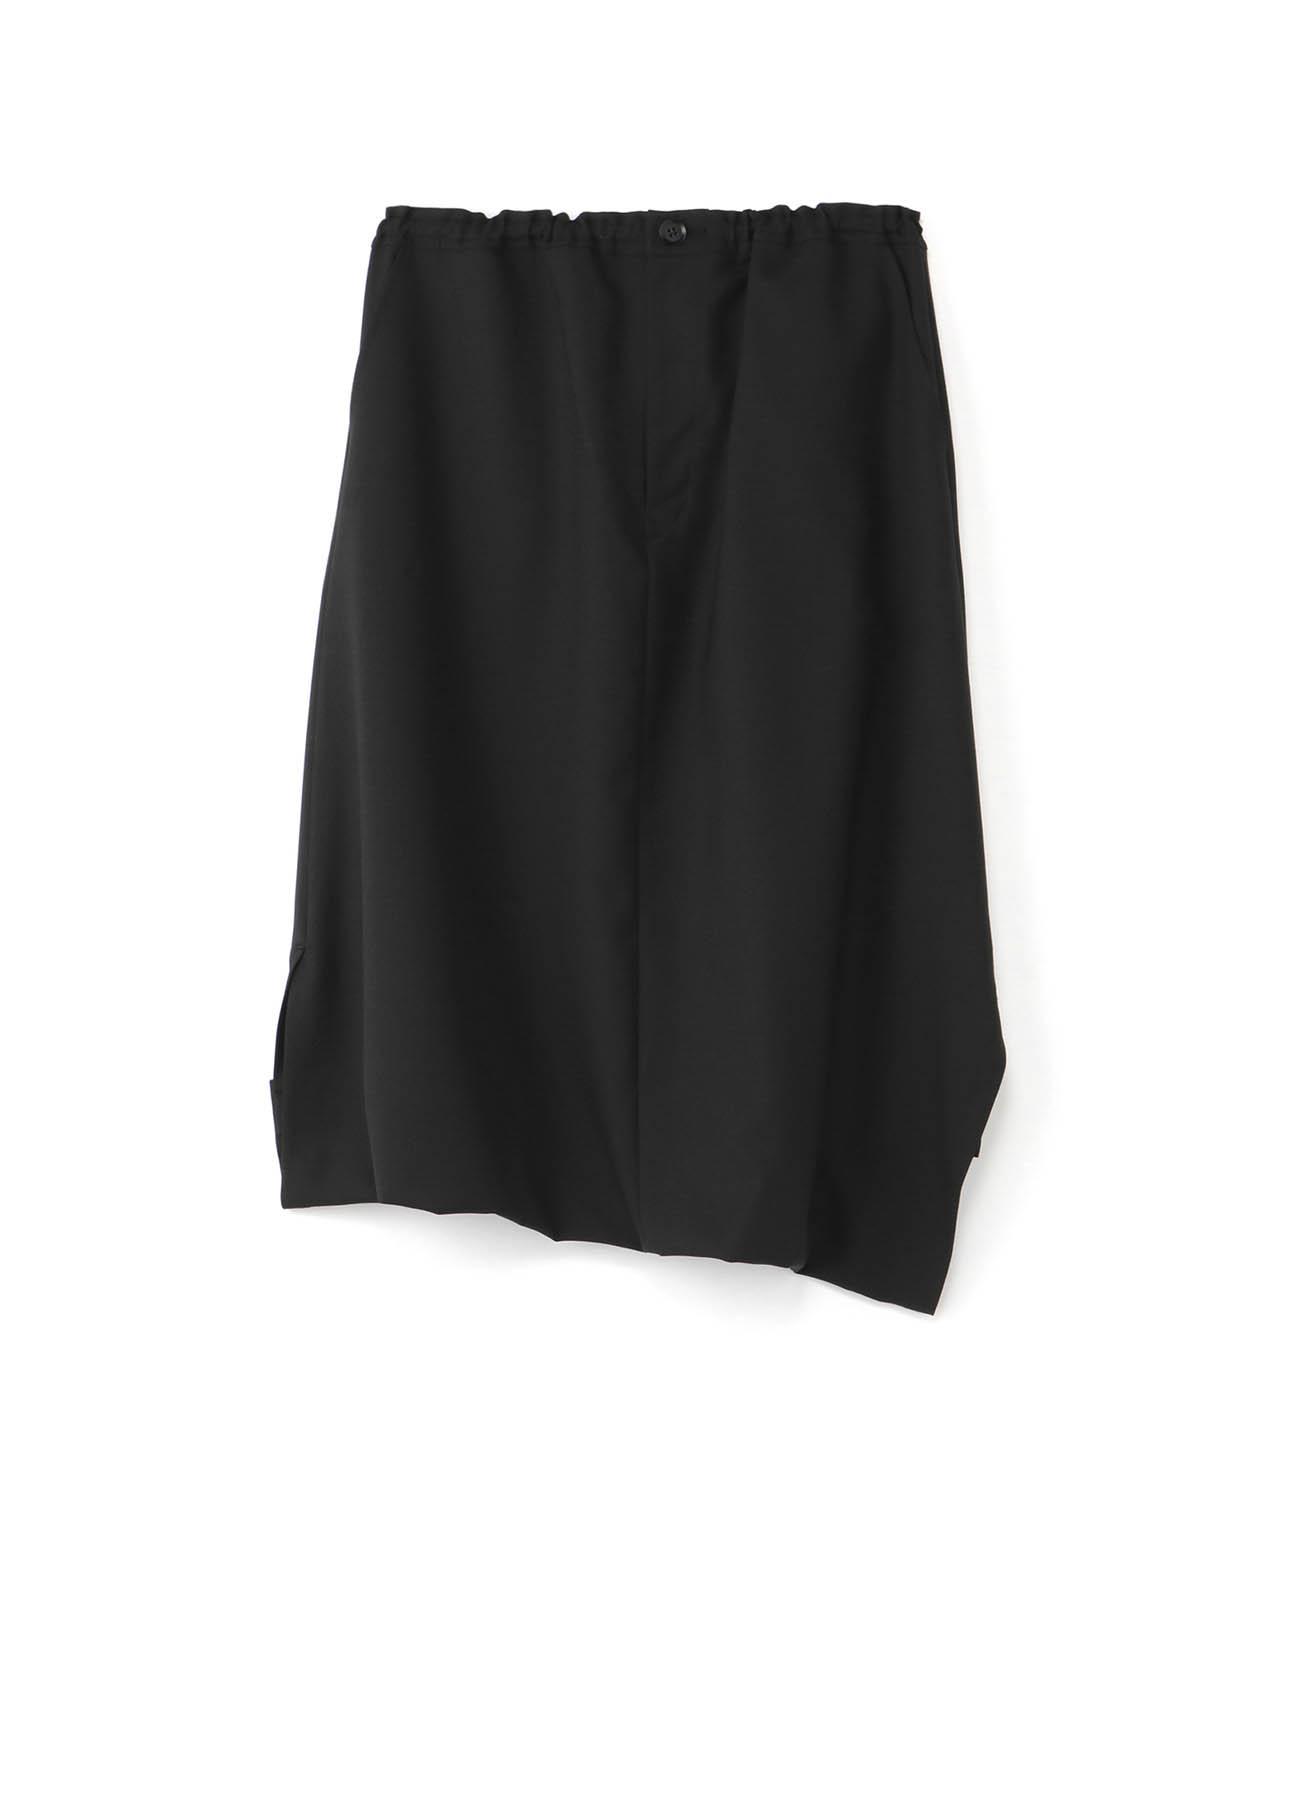 变形裁剪低档裤裙